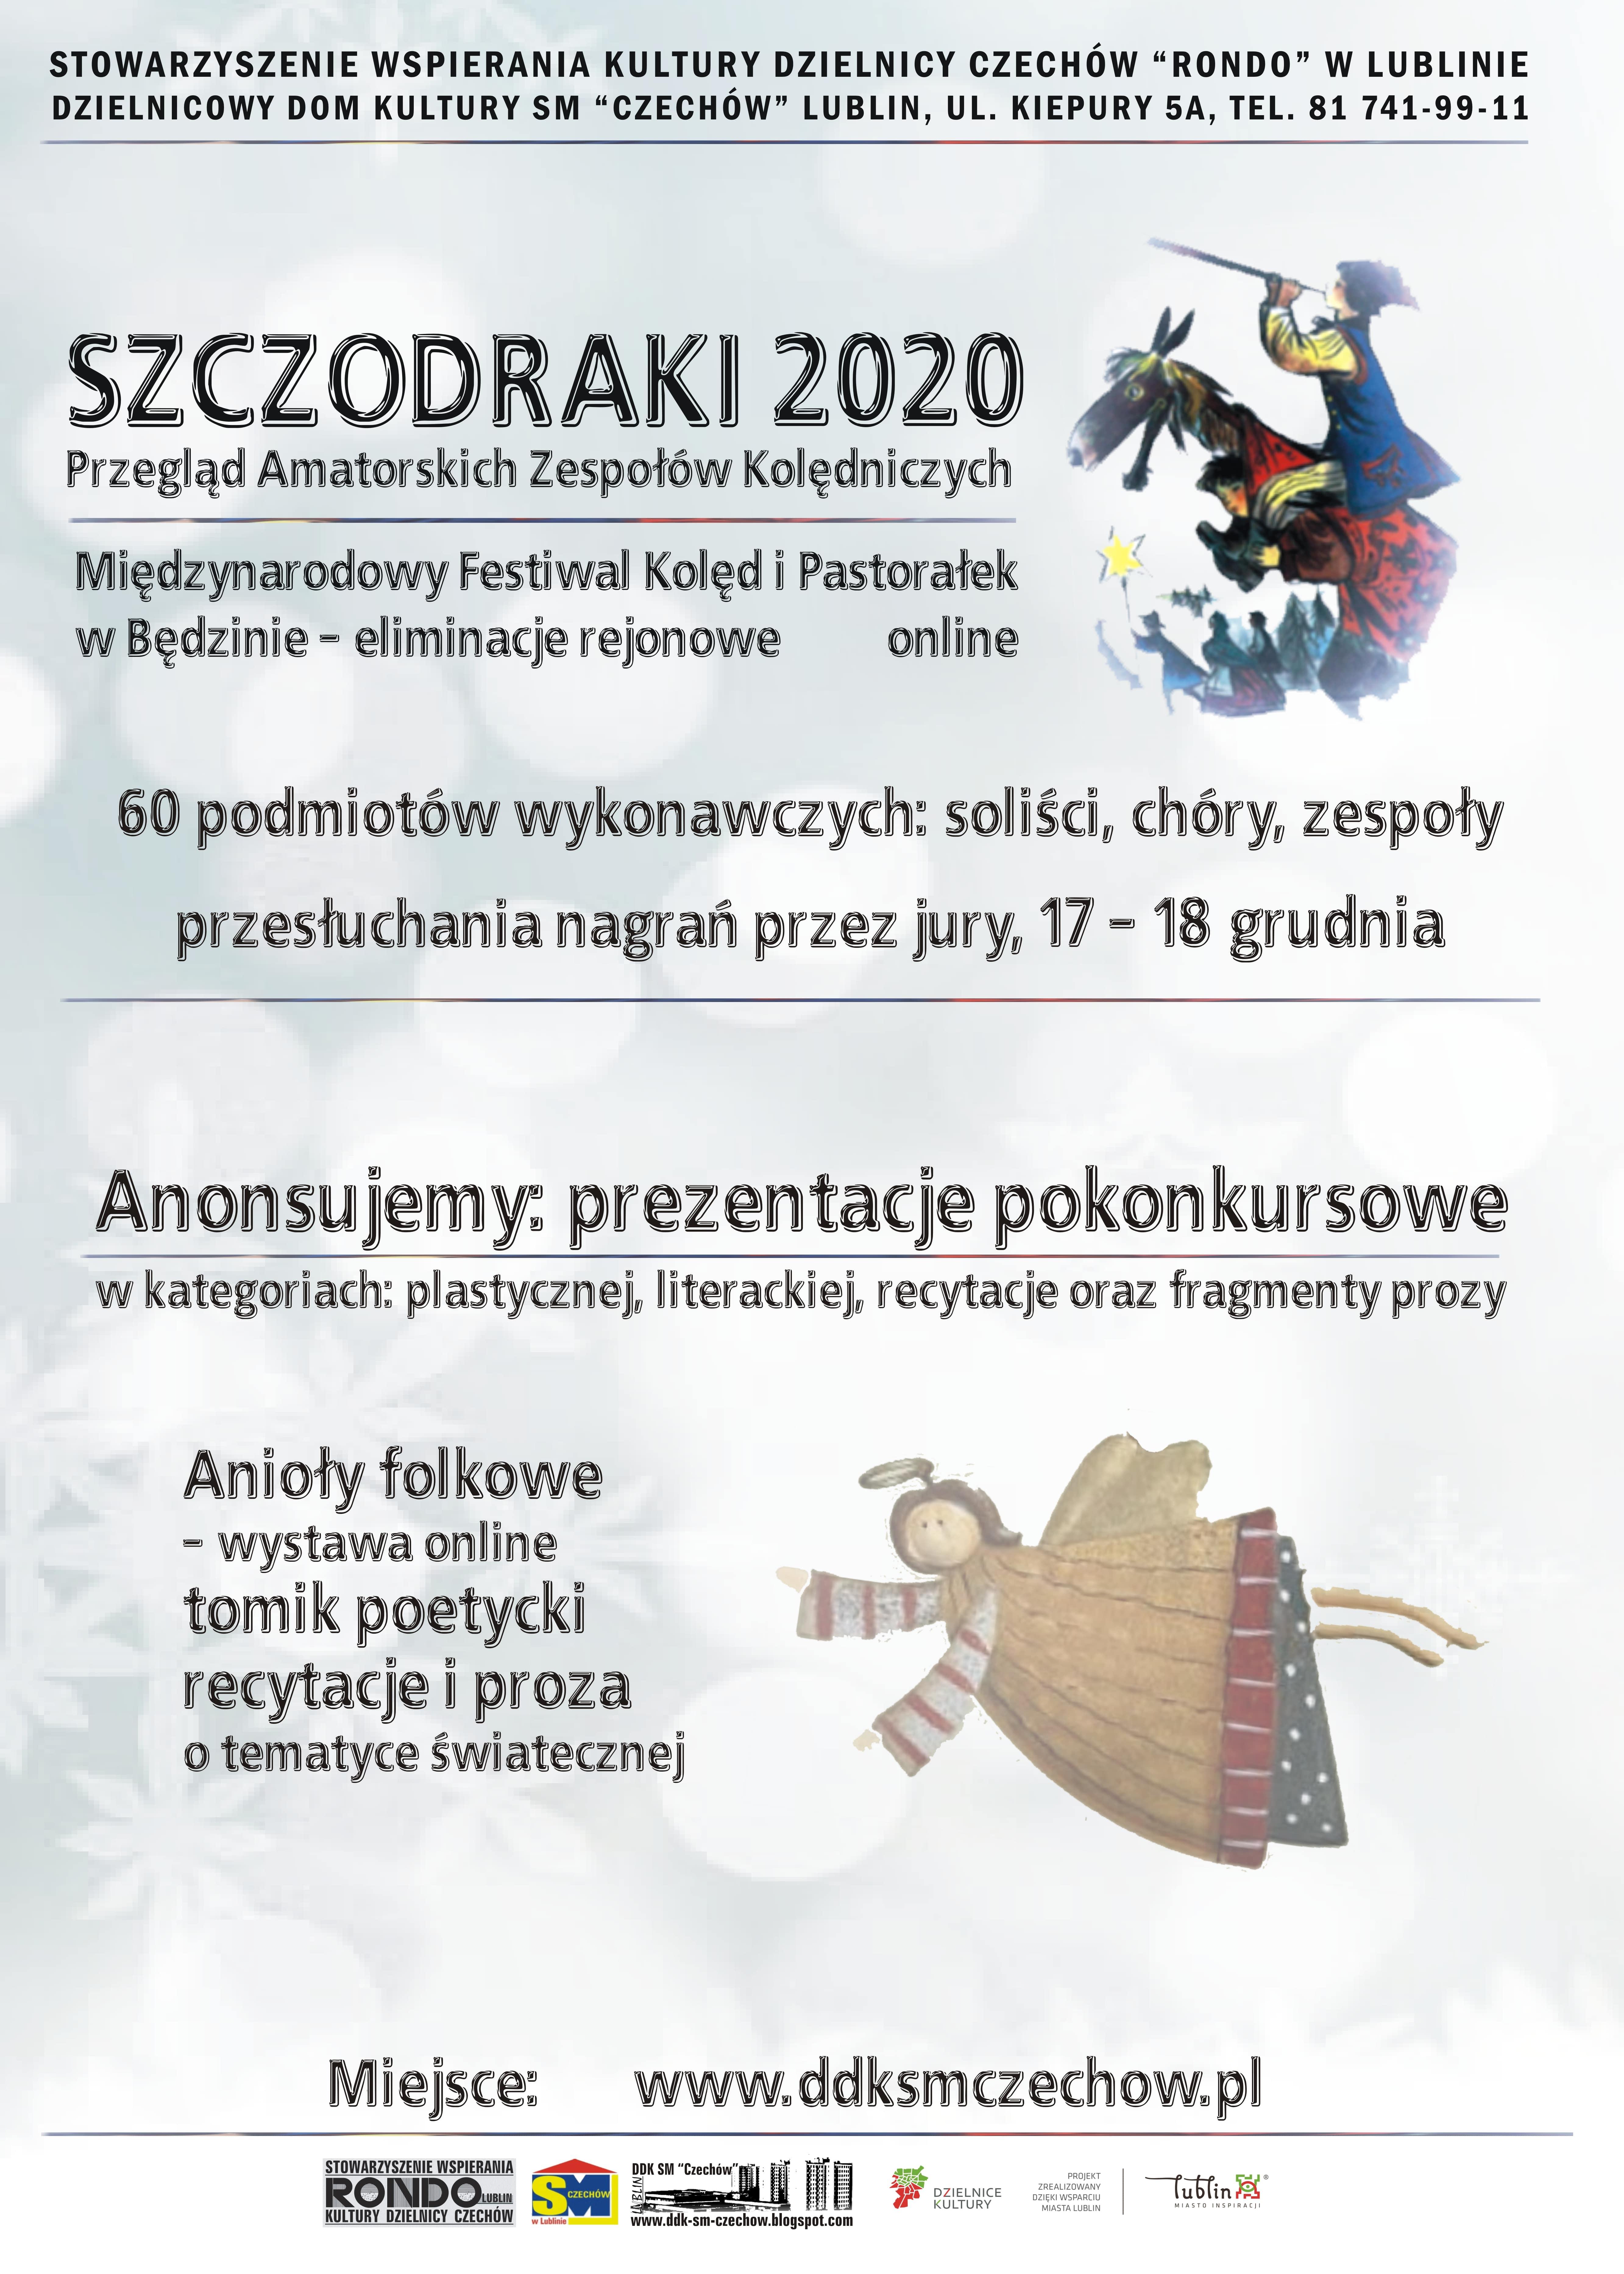 Szczodraki 2020